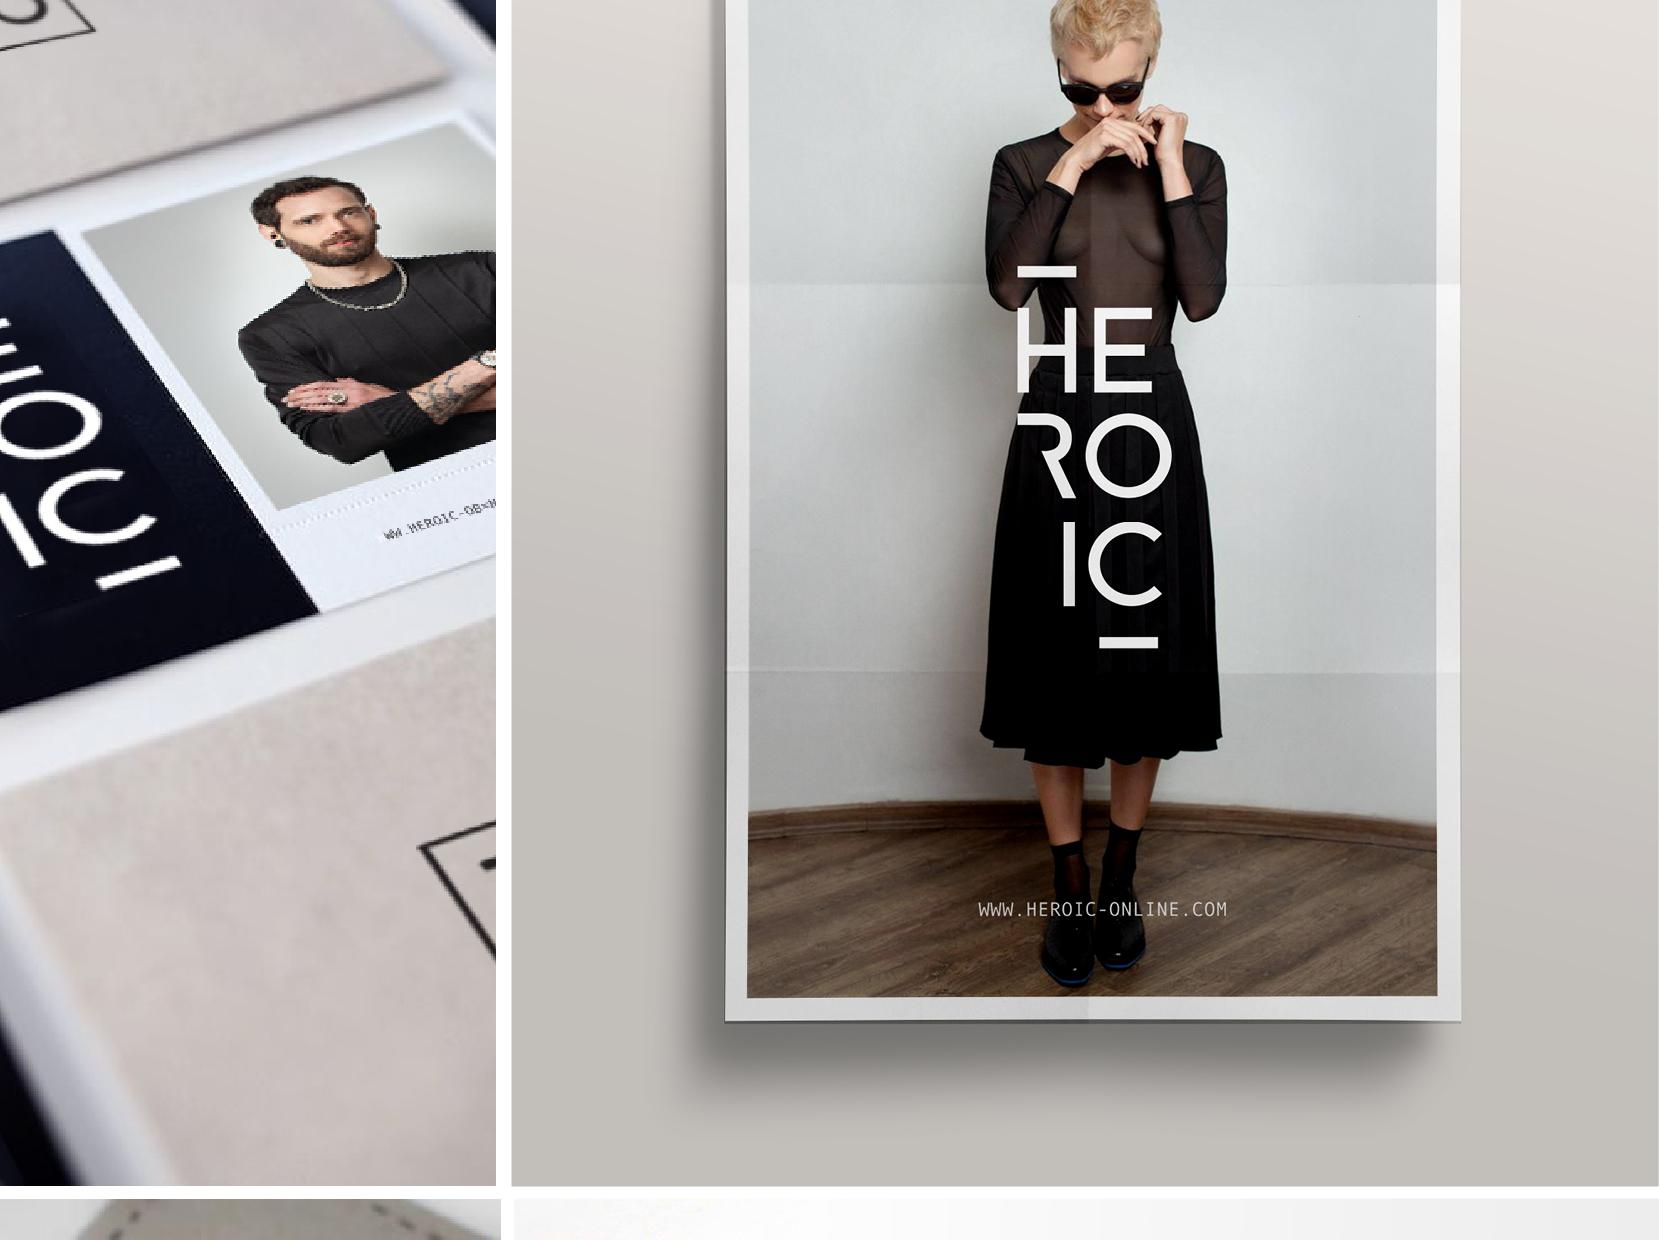 HEROIC WEB 4.jpg